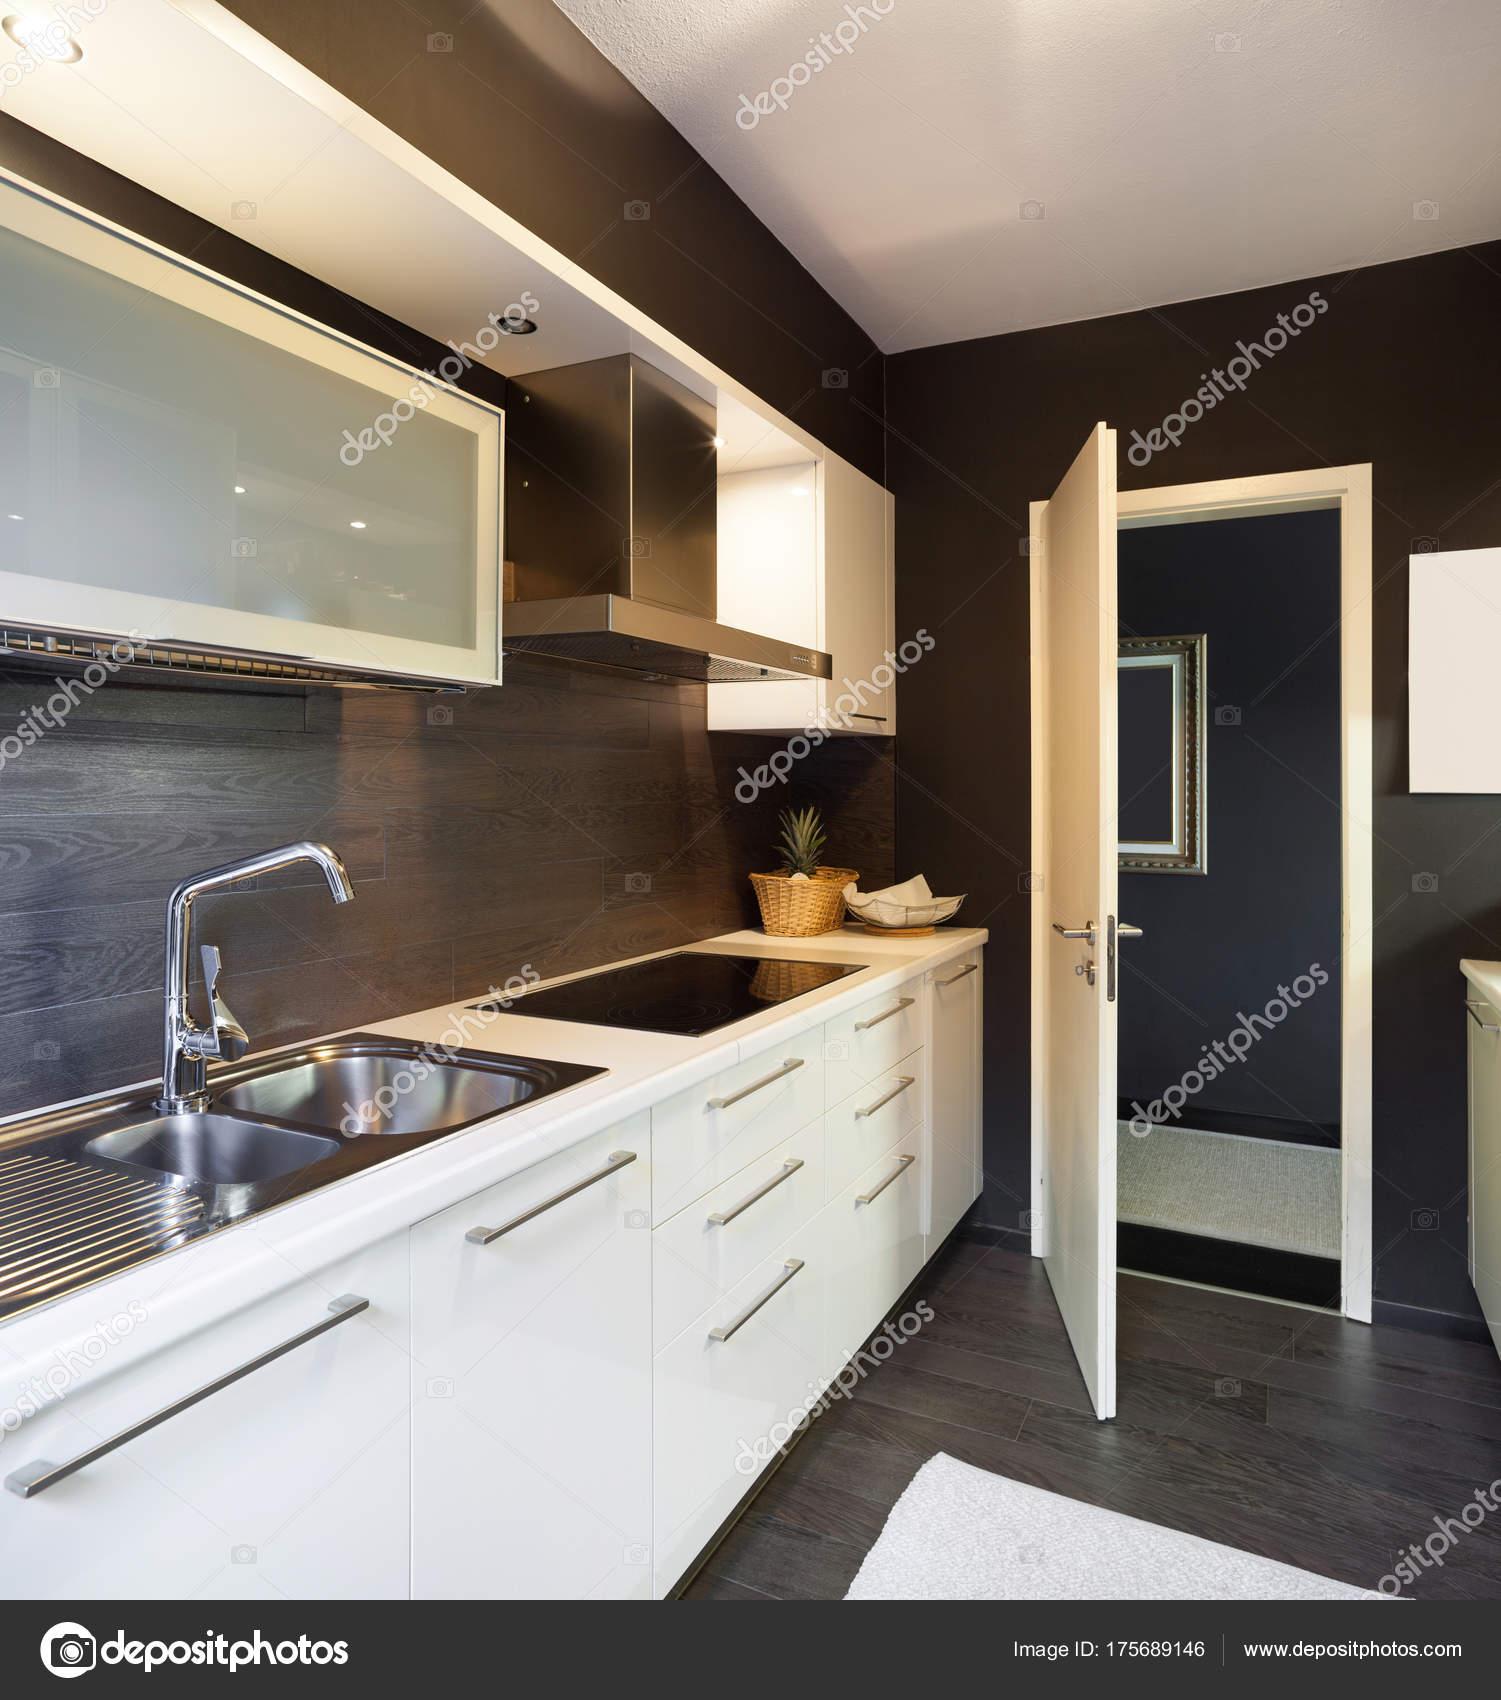 modernes Haus, Küche — Stockfoto © Zveiger #175689146